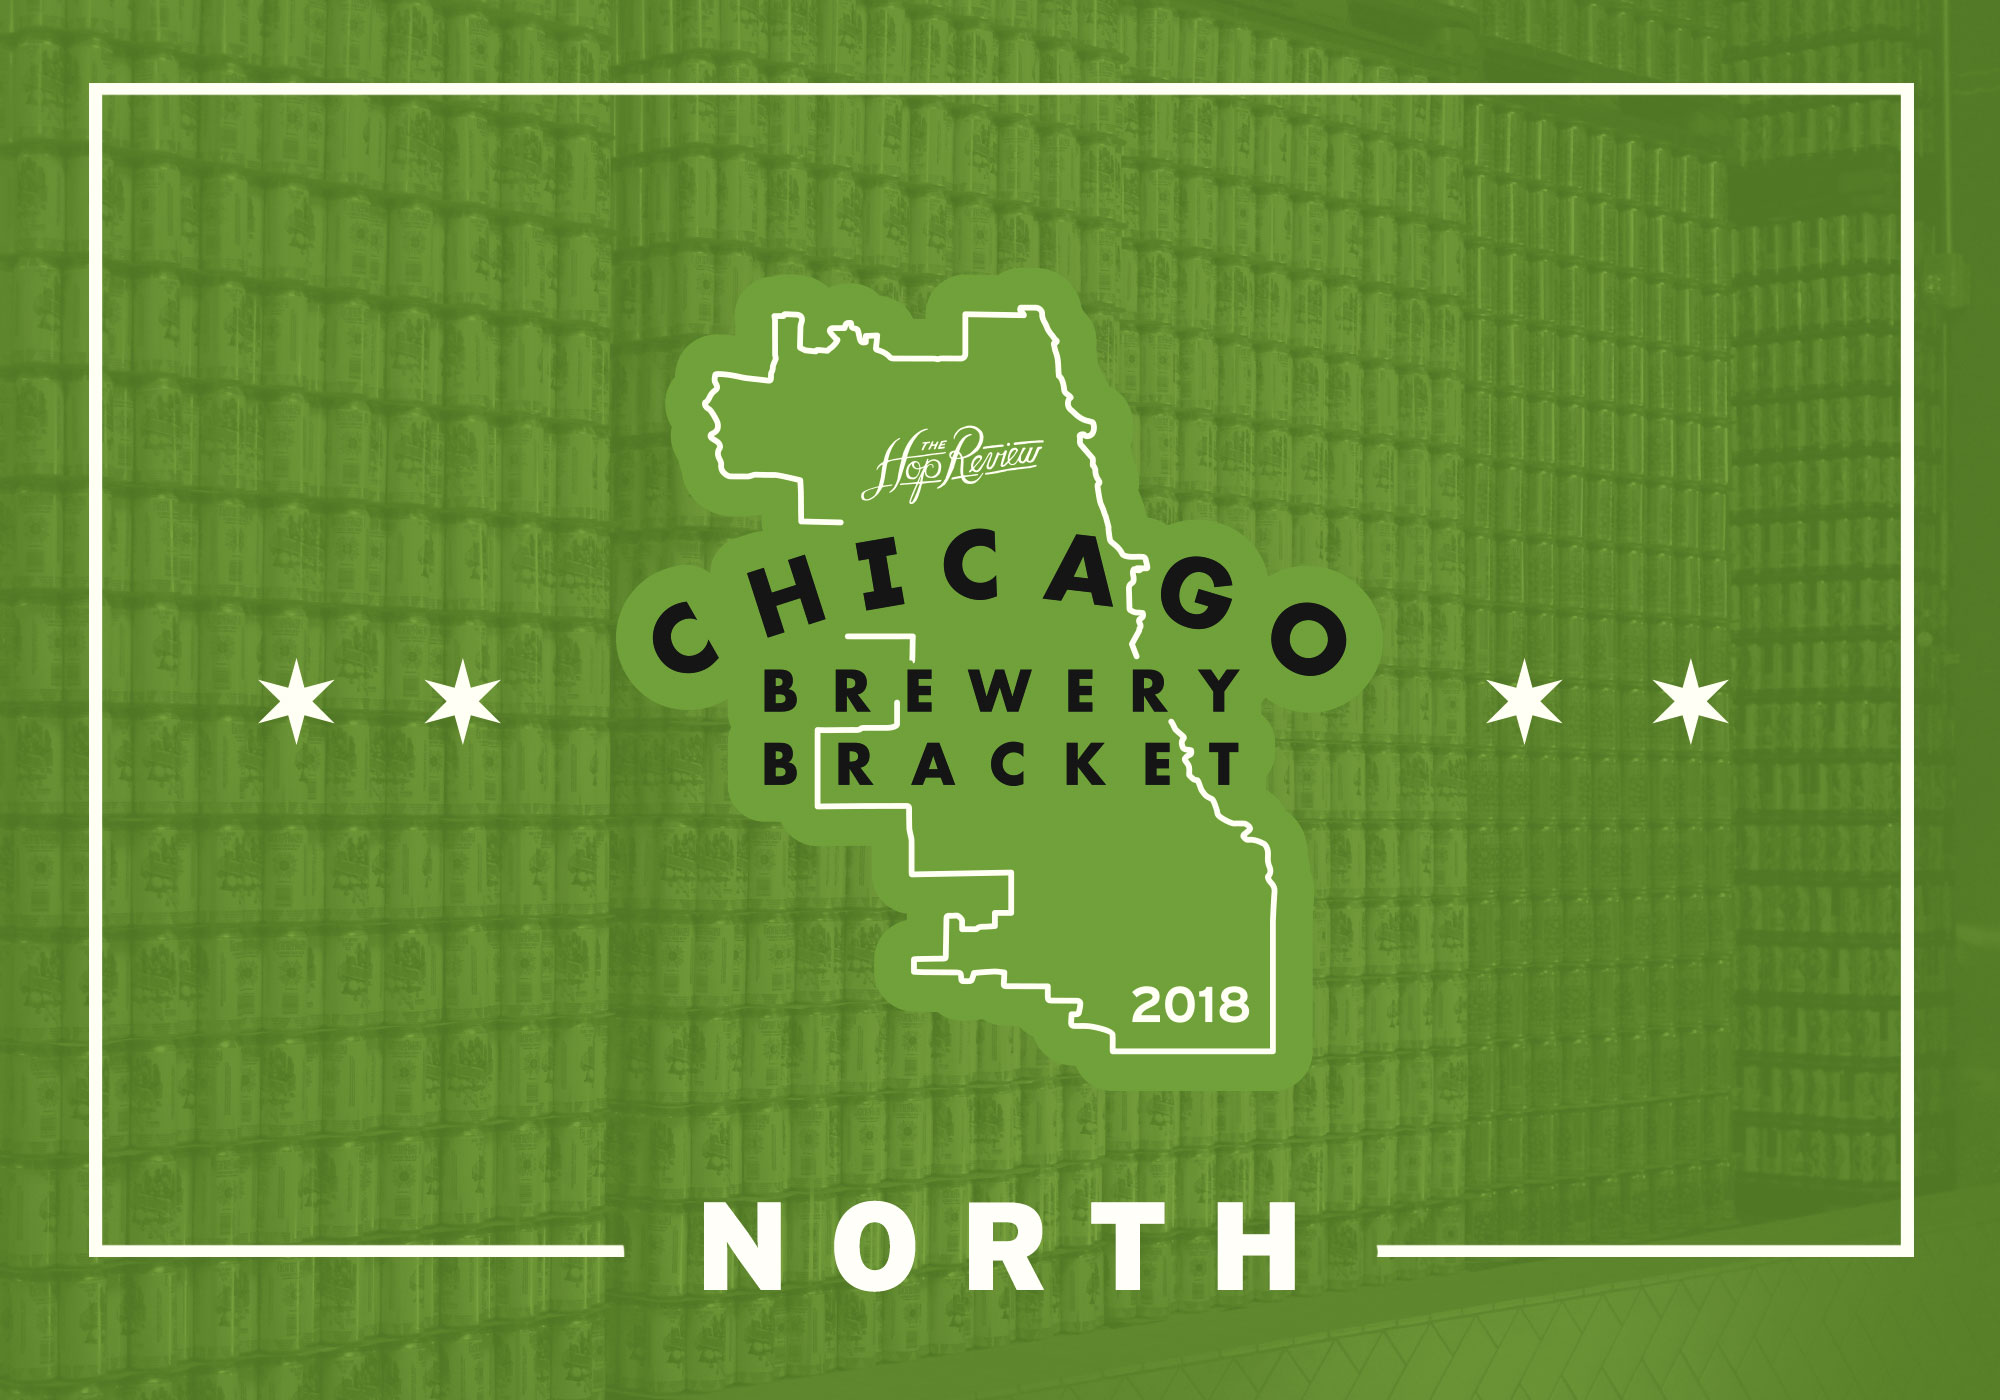 2018 Chicago Brewery Bracket: North – Rd. 1